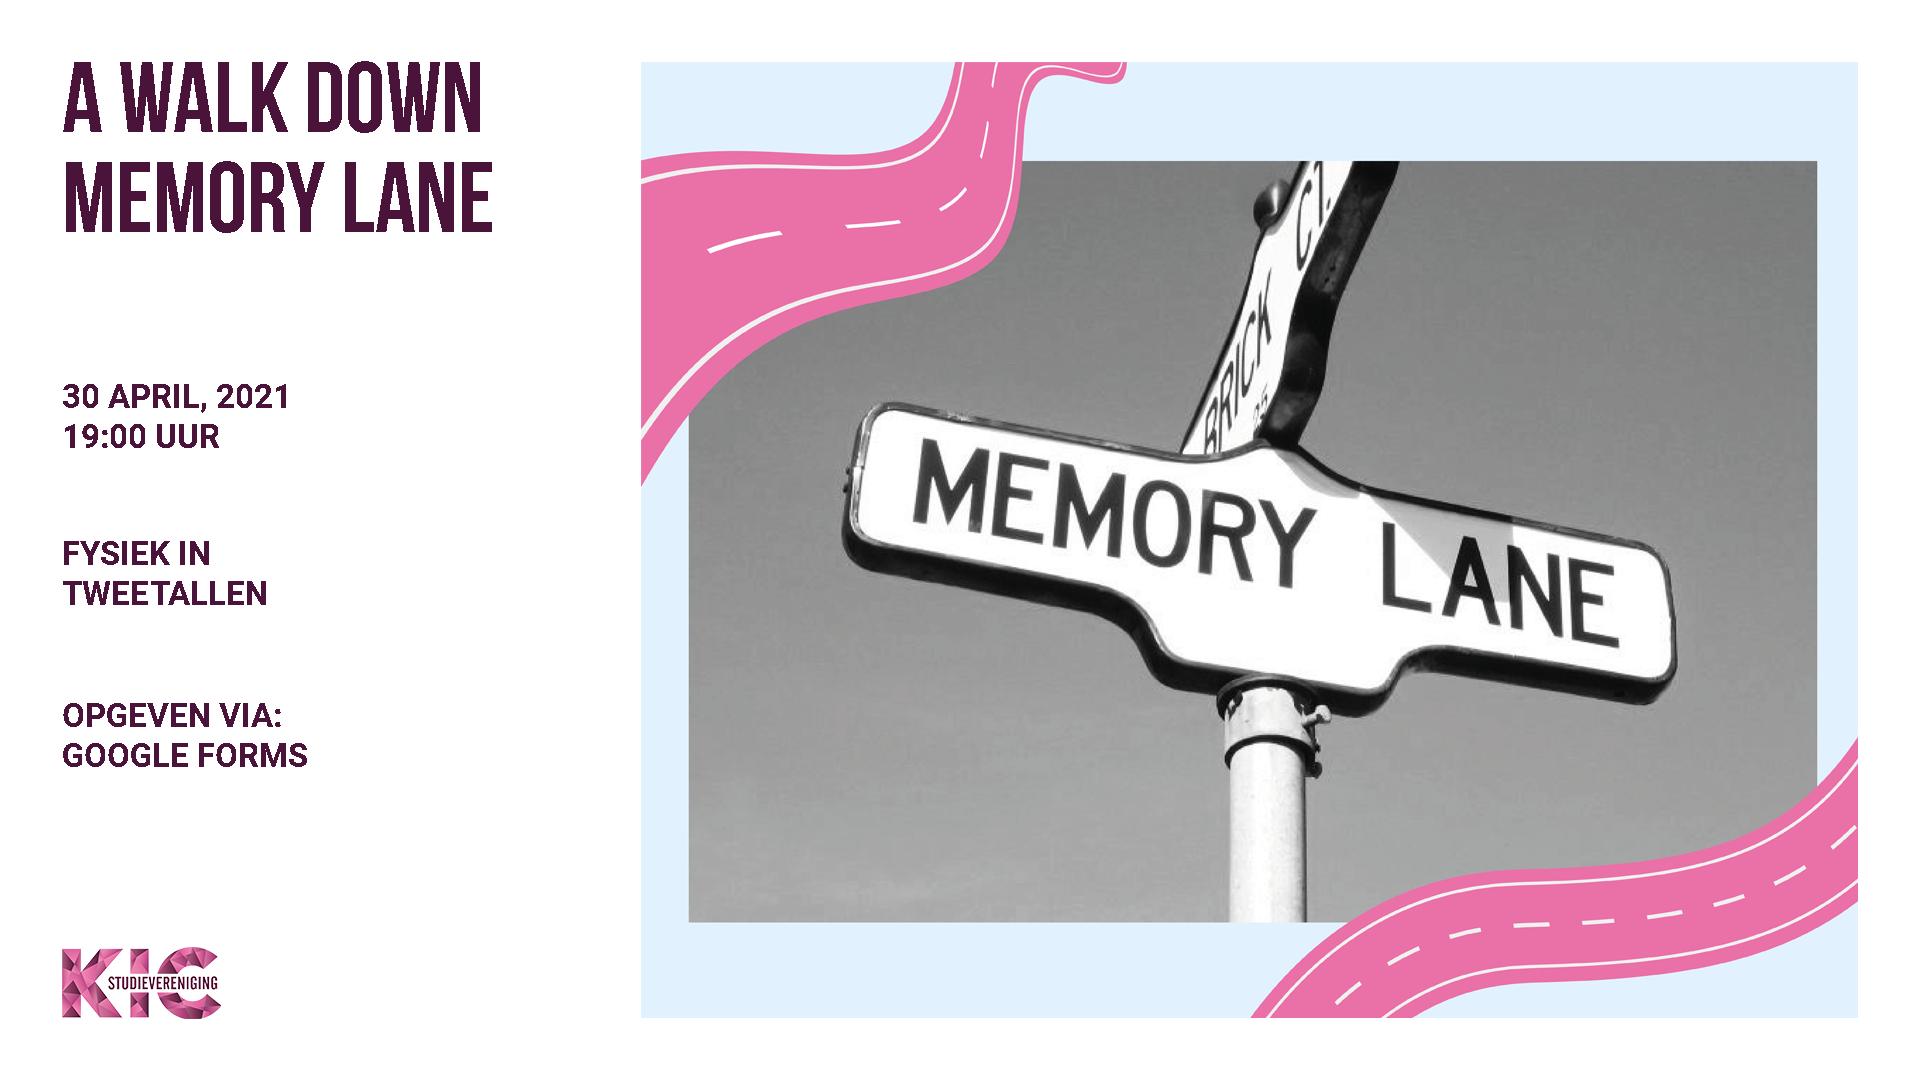 KIC presents: A walk down memory lane